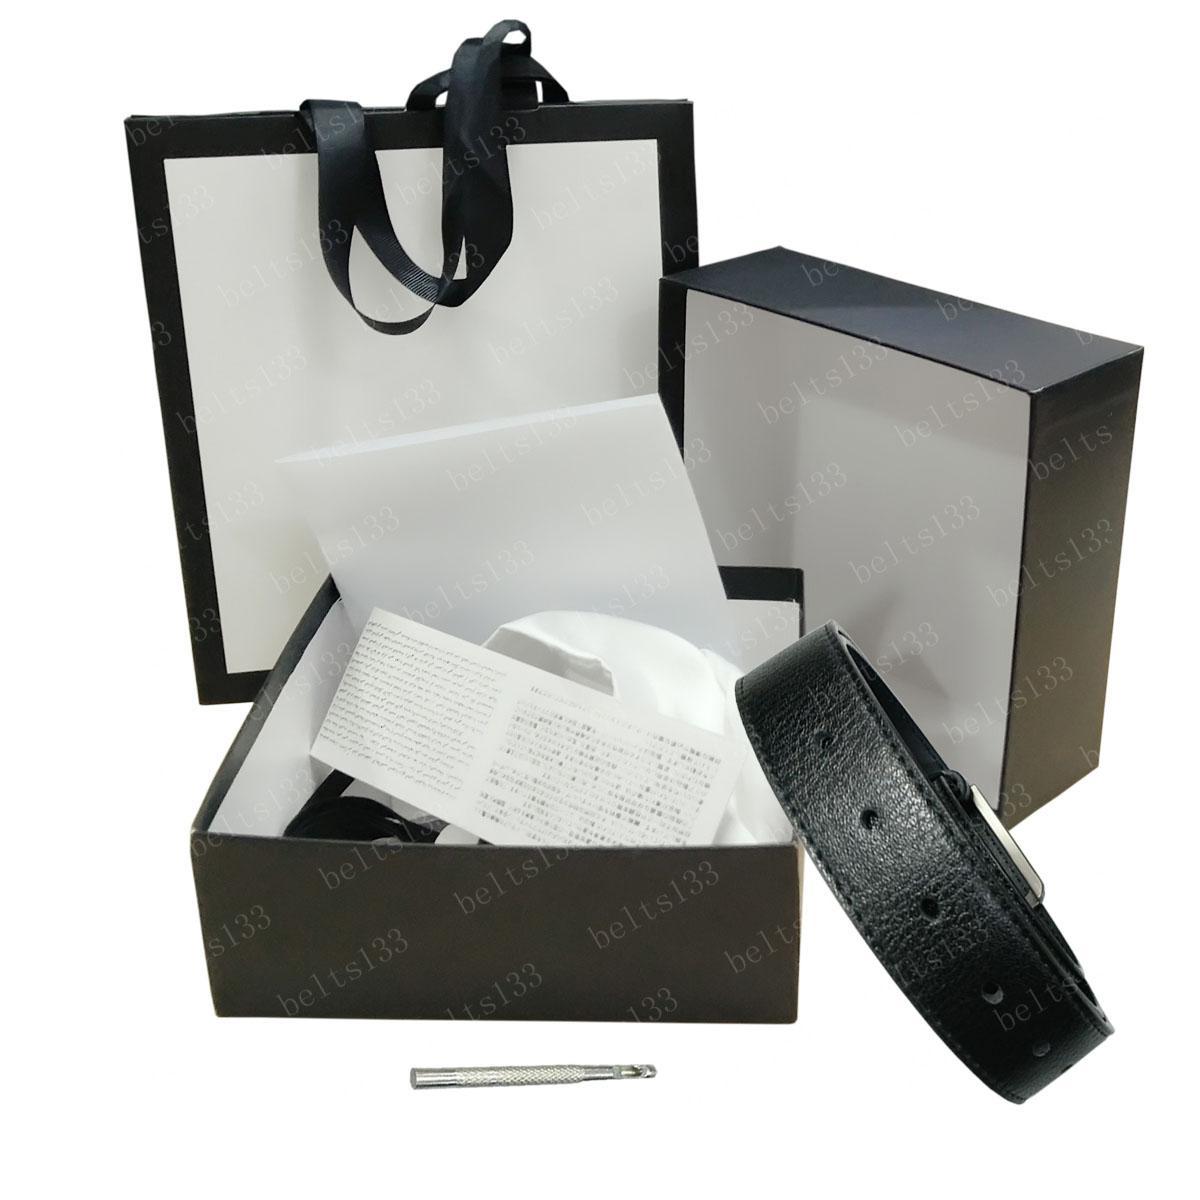 أحزمة حزام للرجال نساء جلد أسود مشبك الذهب مع حقيبة الغبار الأبيض مربع كبير وبطاقات الأفعى سوب 3.8 سنتيمتر # OG03